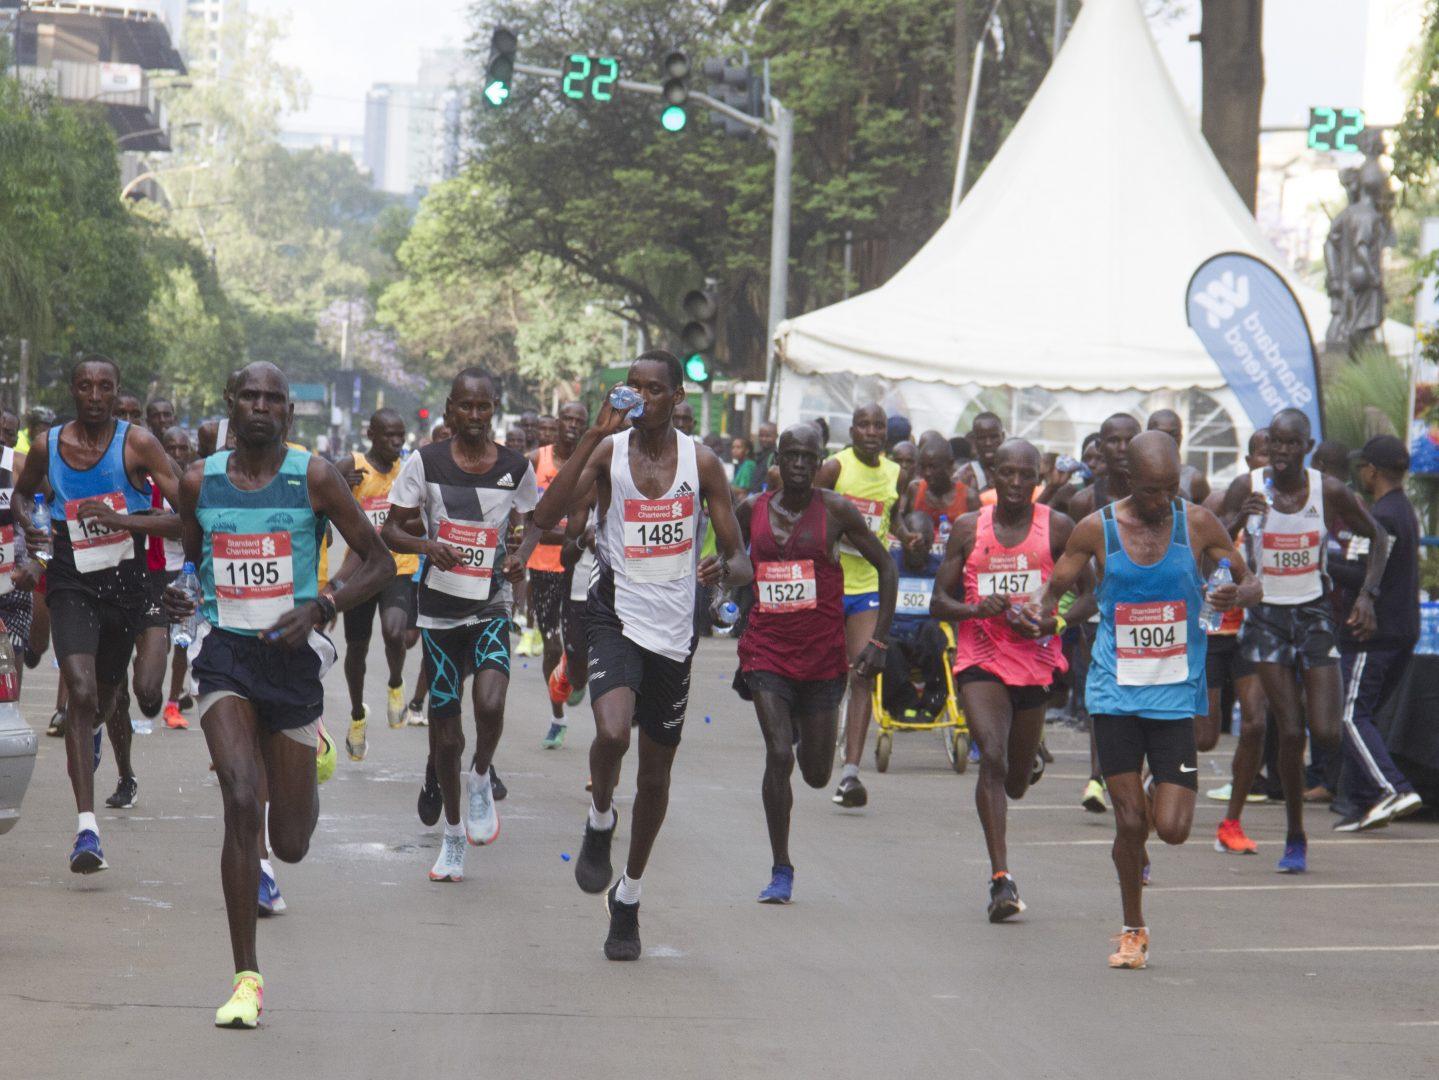 https://www.nairobimarathon.com/wp-content/uploads/2021/07/MG_4562.jpg